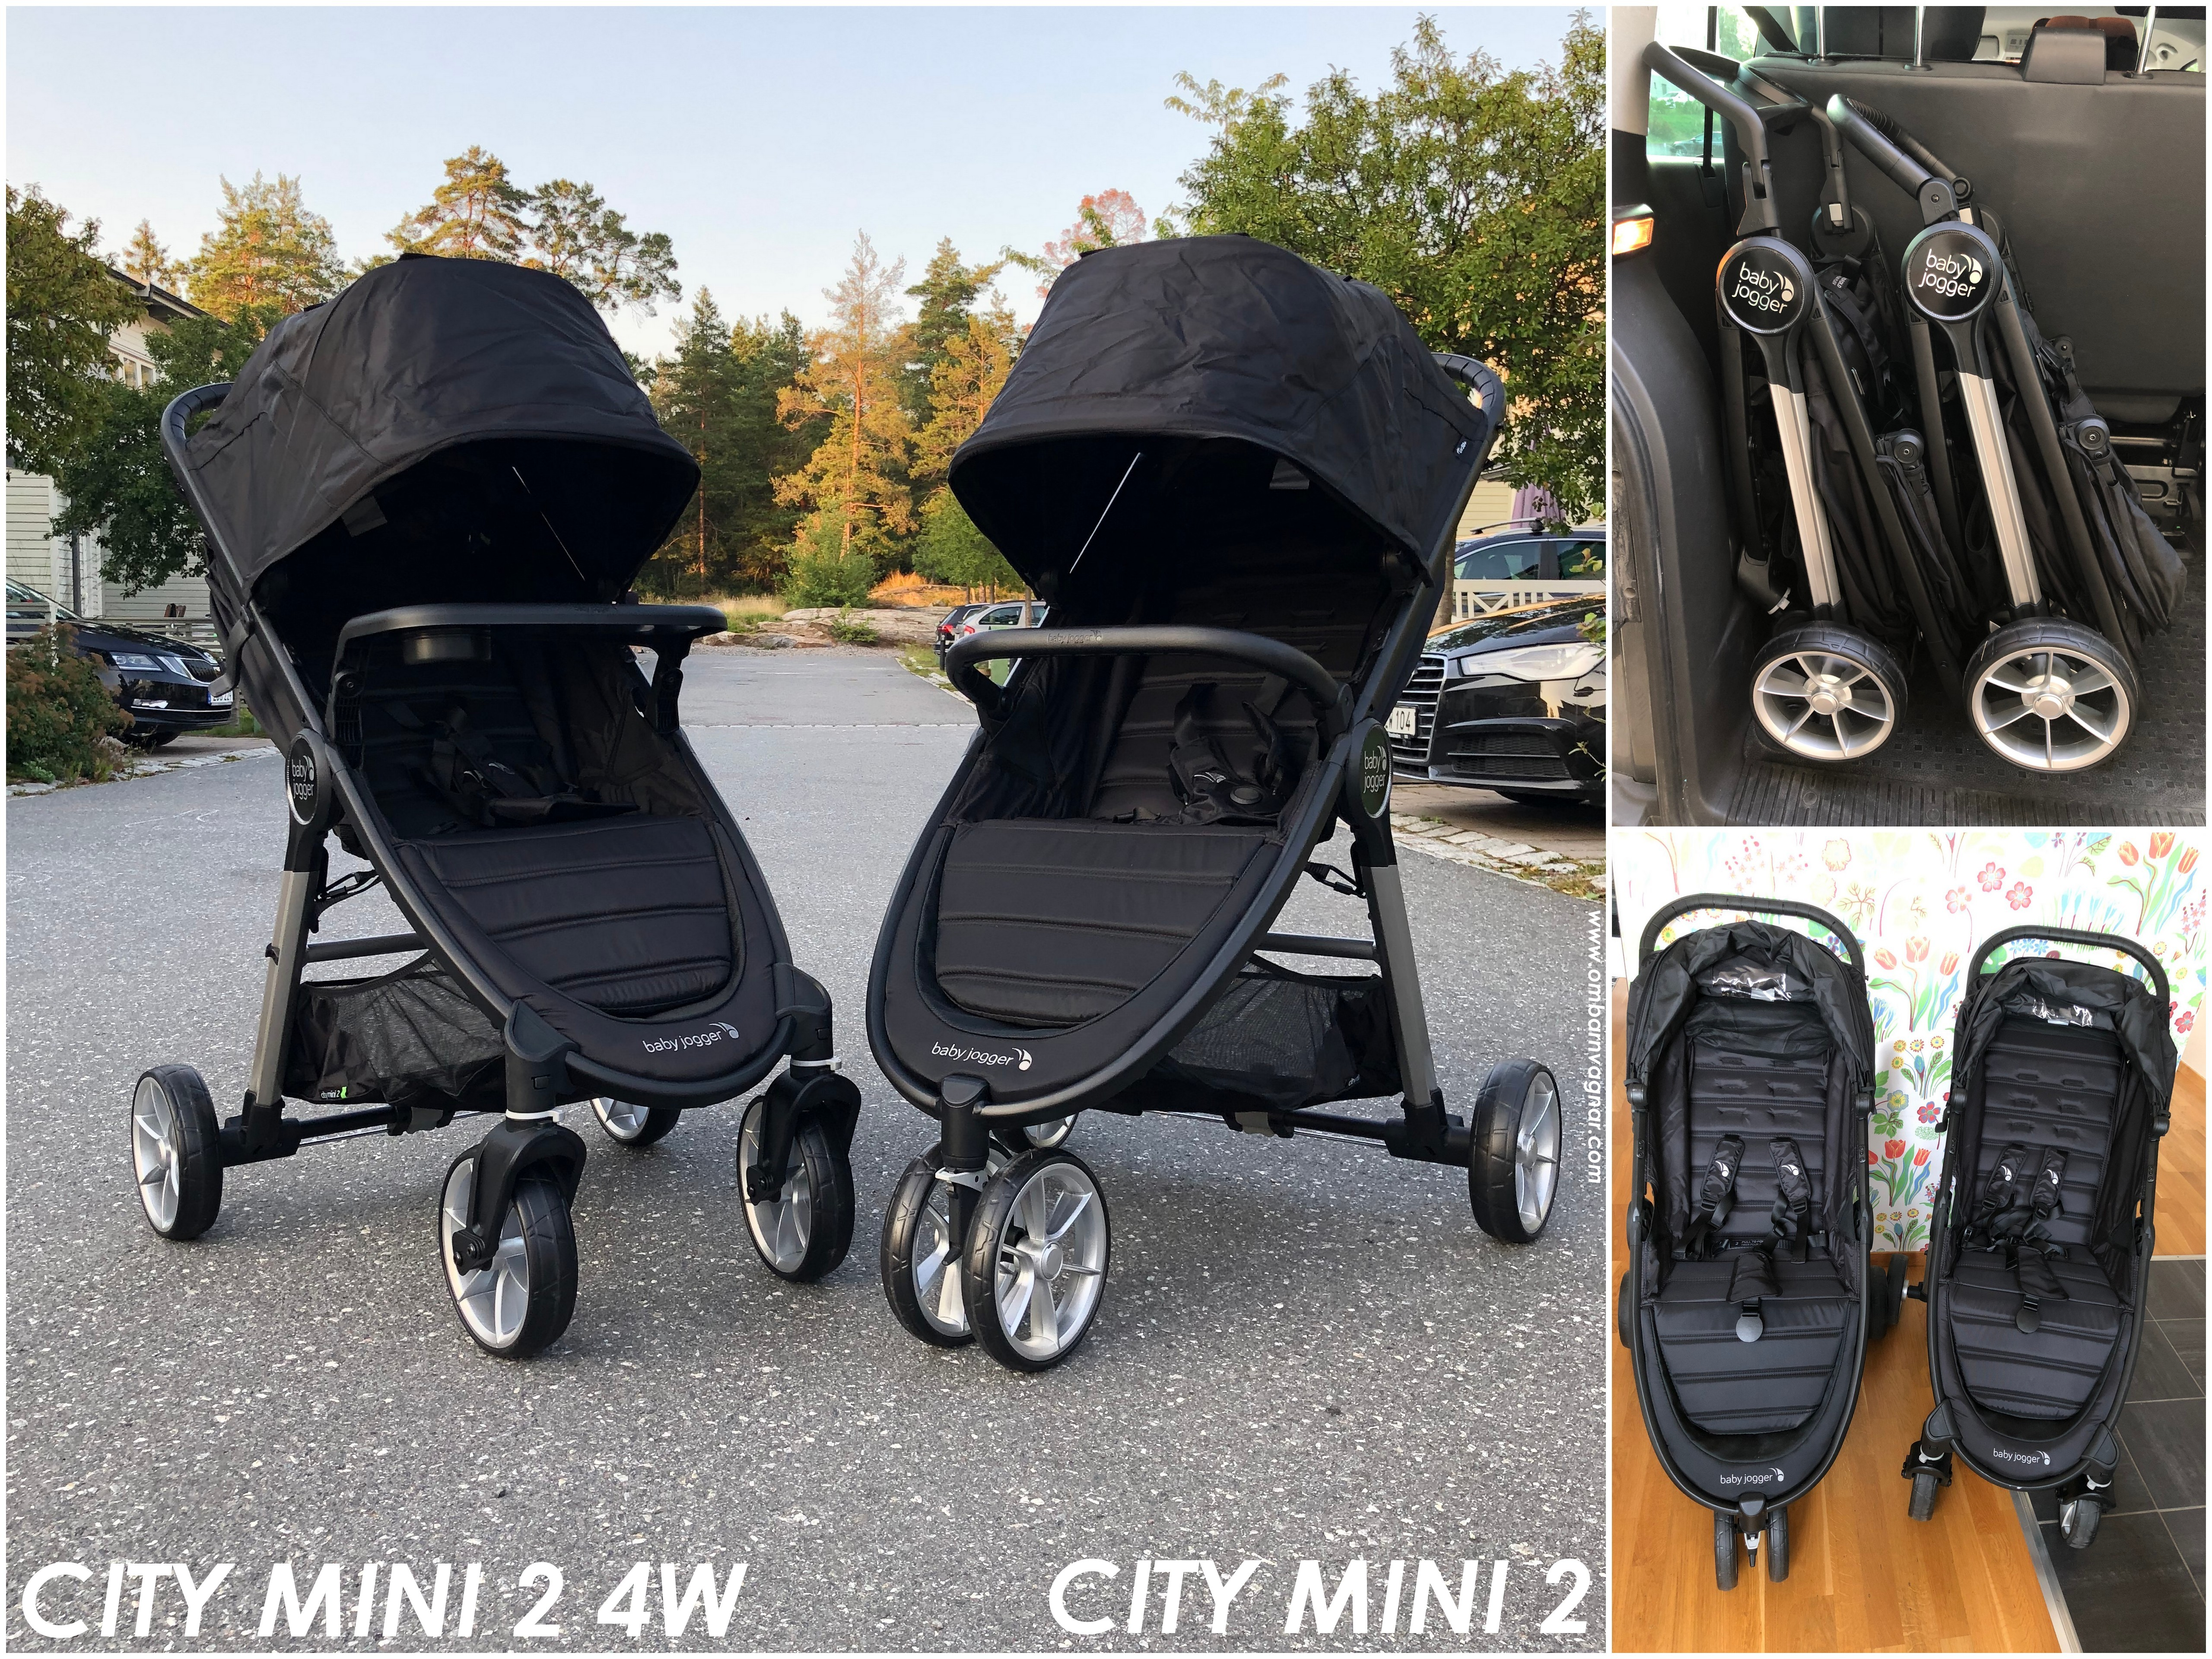 Vilken vagn ska man välja av Baby Jogger City Mini 2 4W eller City Mini 2 med tre hjul?